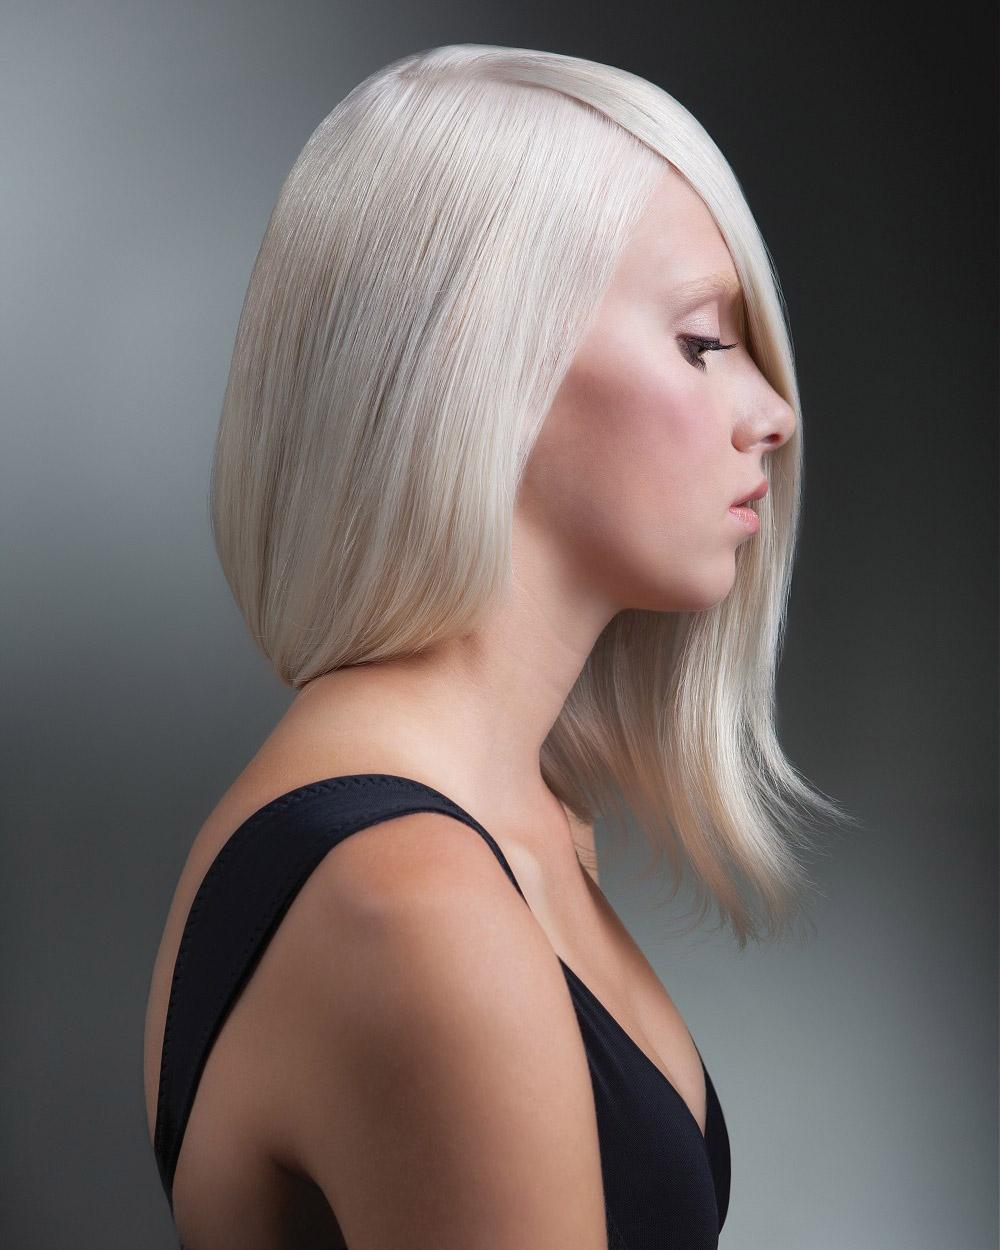 Vlasy ako falošné mikádo – skúste to! (Účesy: Charlie Price, kolekcia: Updo Collection, farbenie: Karie Renshaw Nielsen a Amie Breckenridge Goltz)